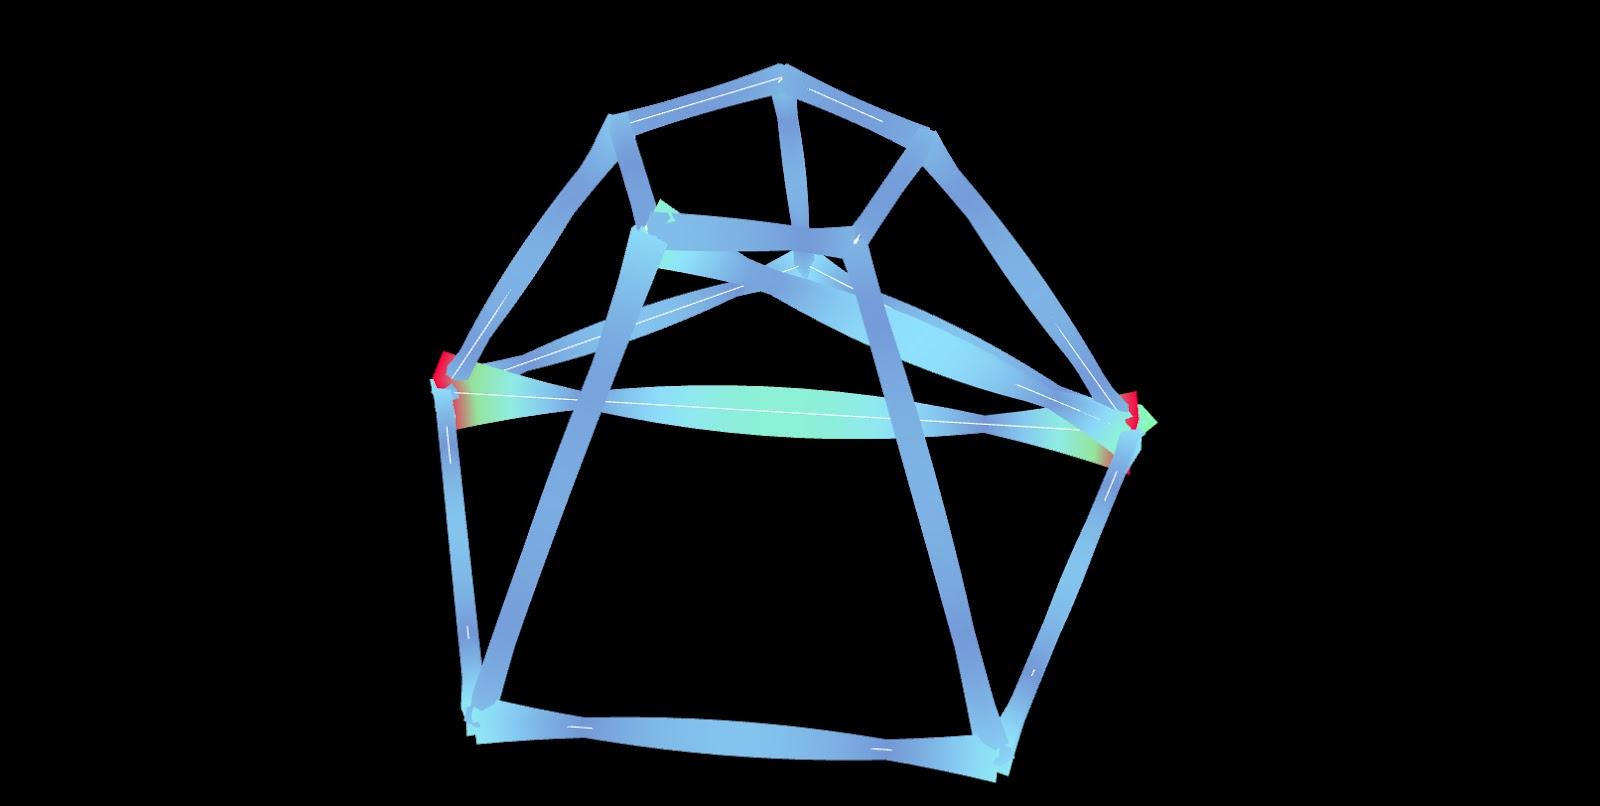 4_Structure.jpg